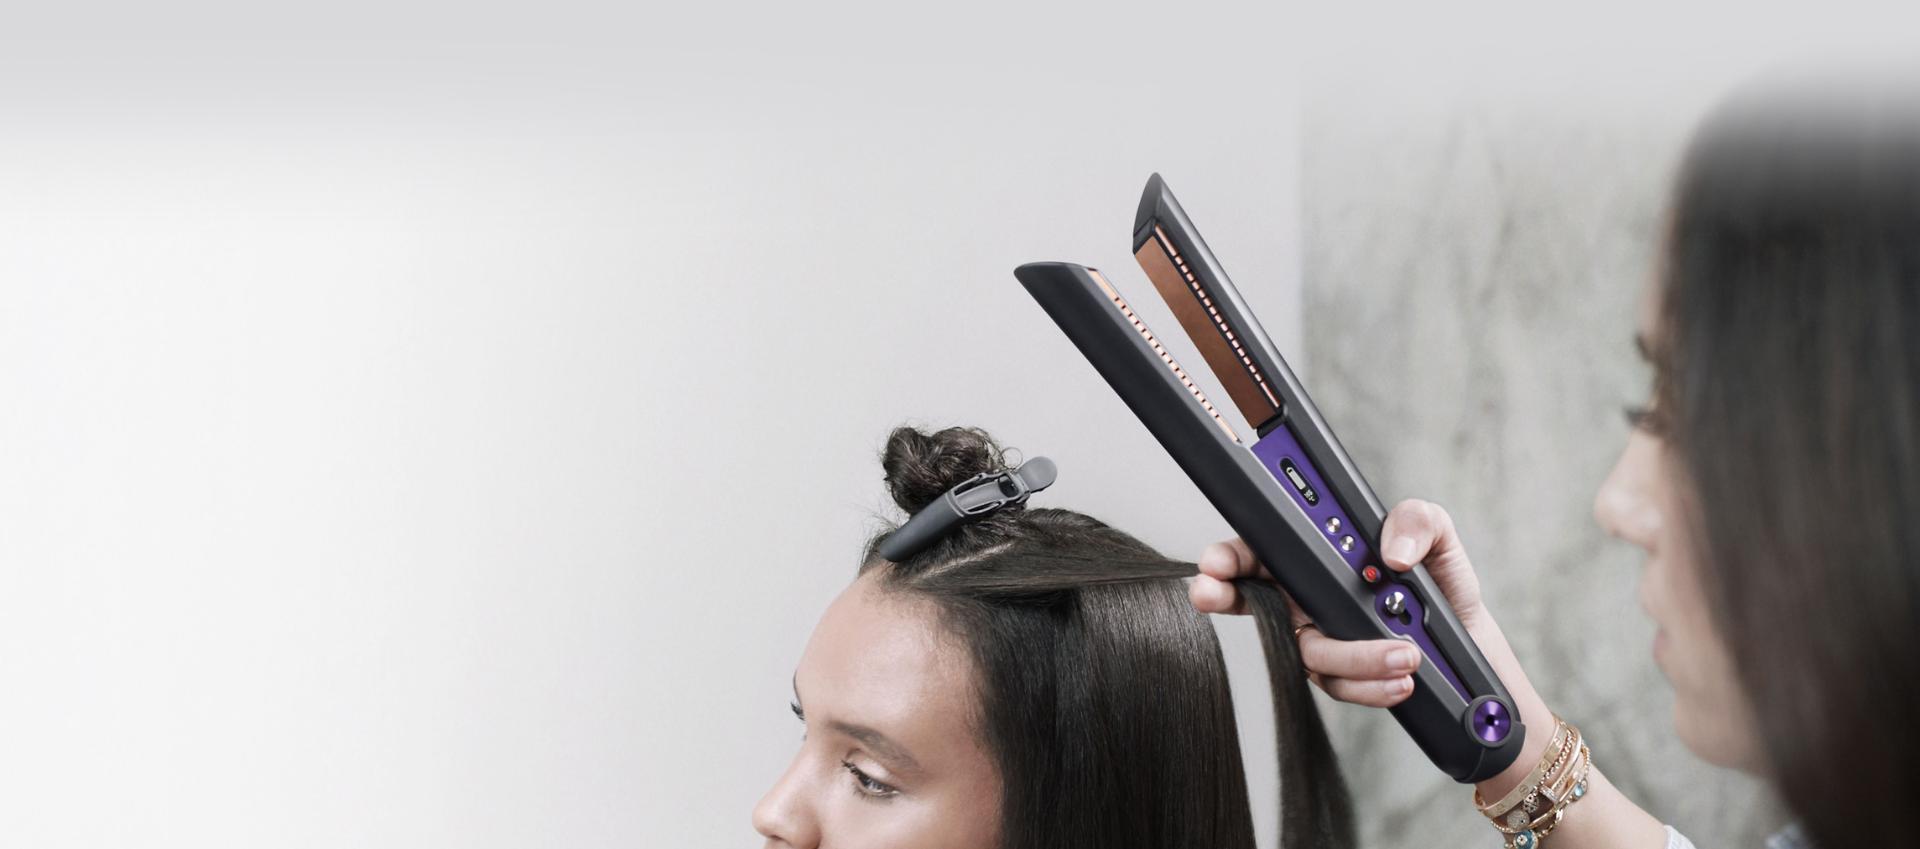 Profesyonel saç stilisti Dyson Corrale saç düzleştiriciyi kullanıyor